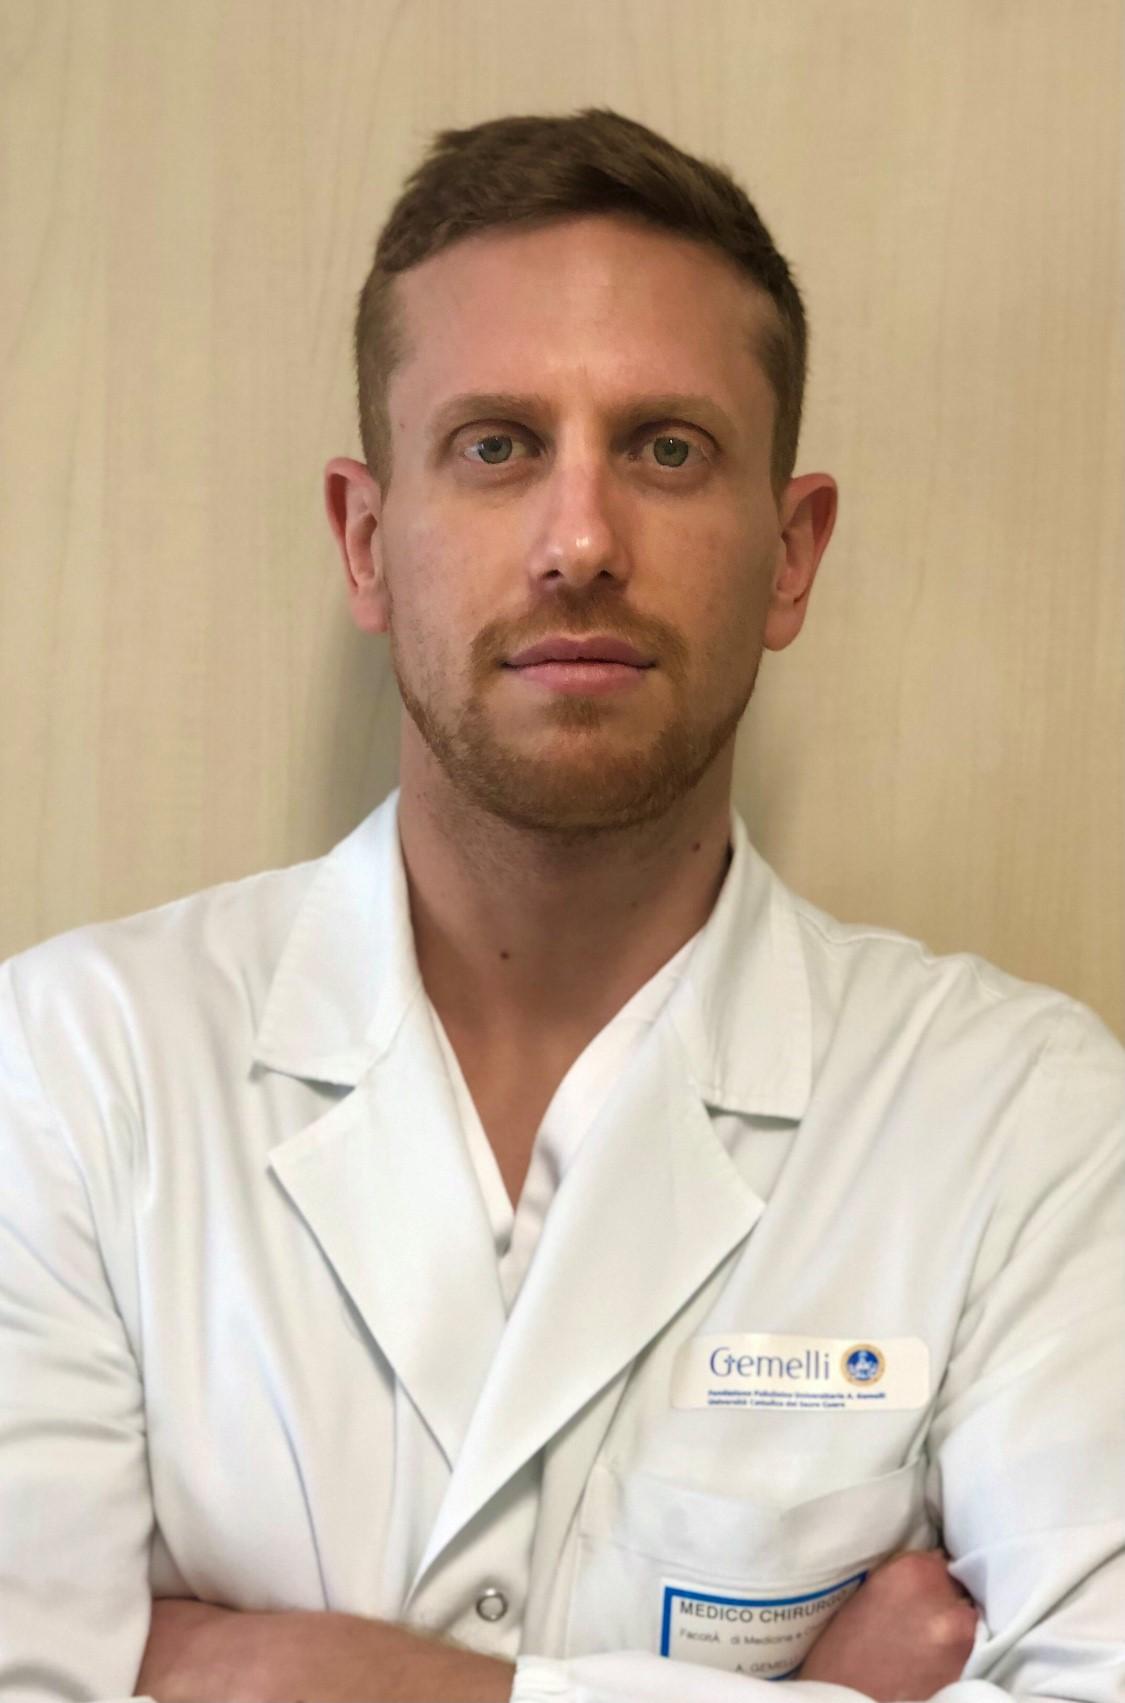 Dott. DAVIDE MOSCHESE